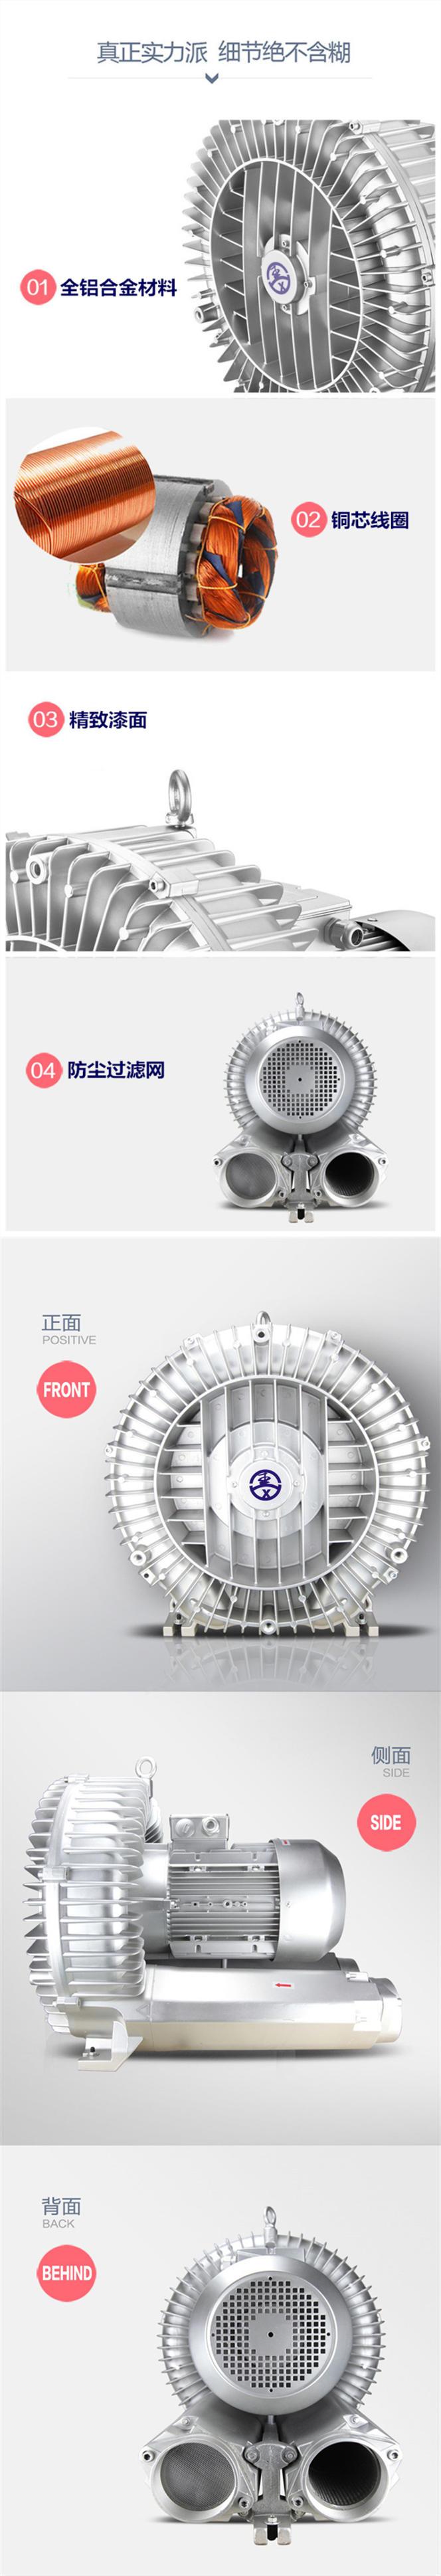 台湾高压鼓风机现货 溧阳高压风机 纸张运送高压鼓风机示例图4